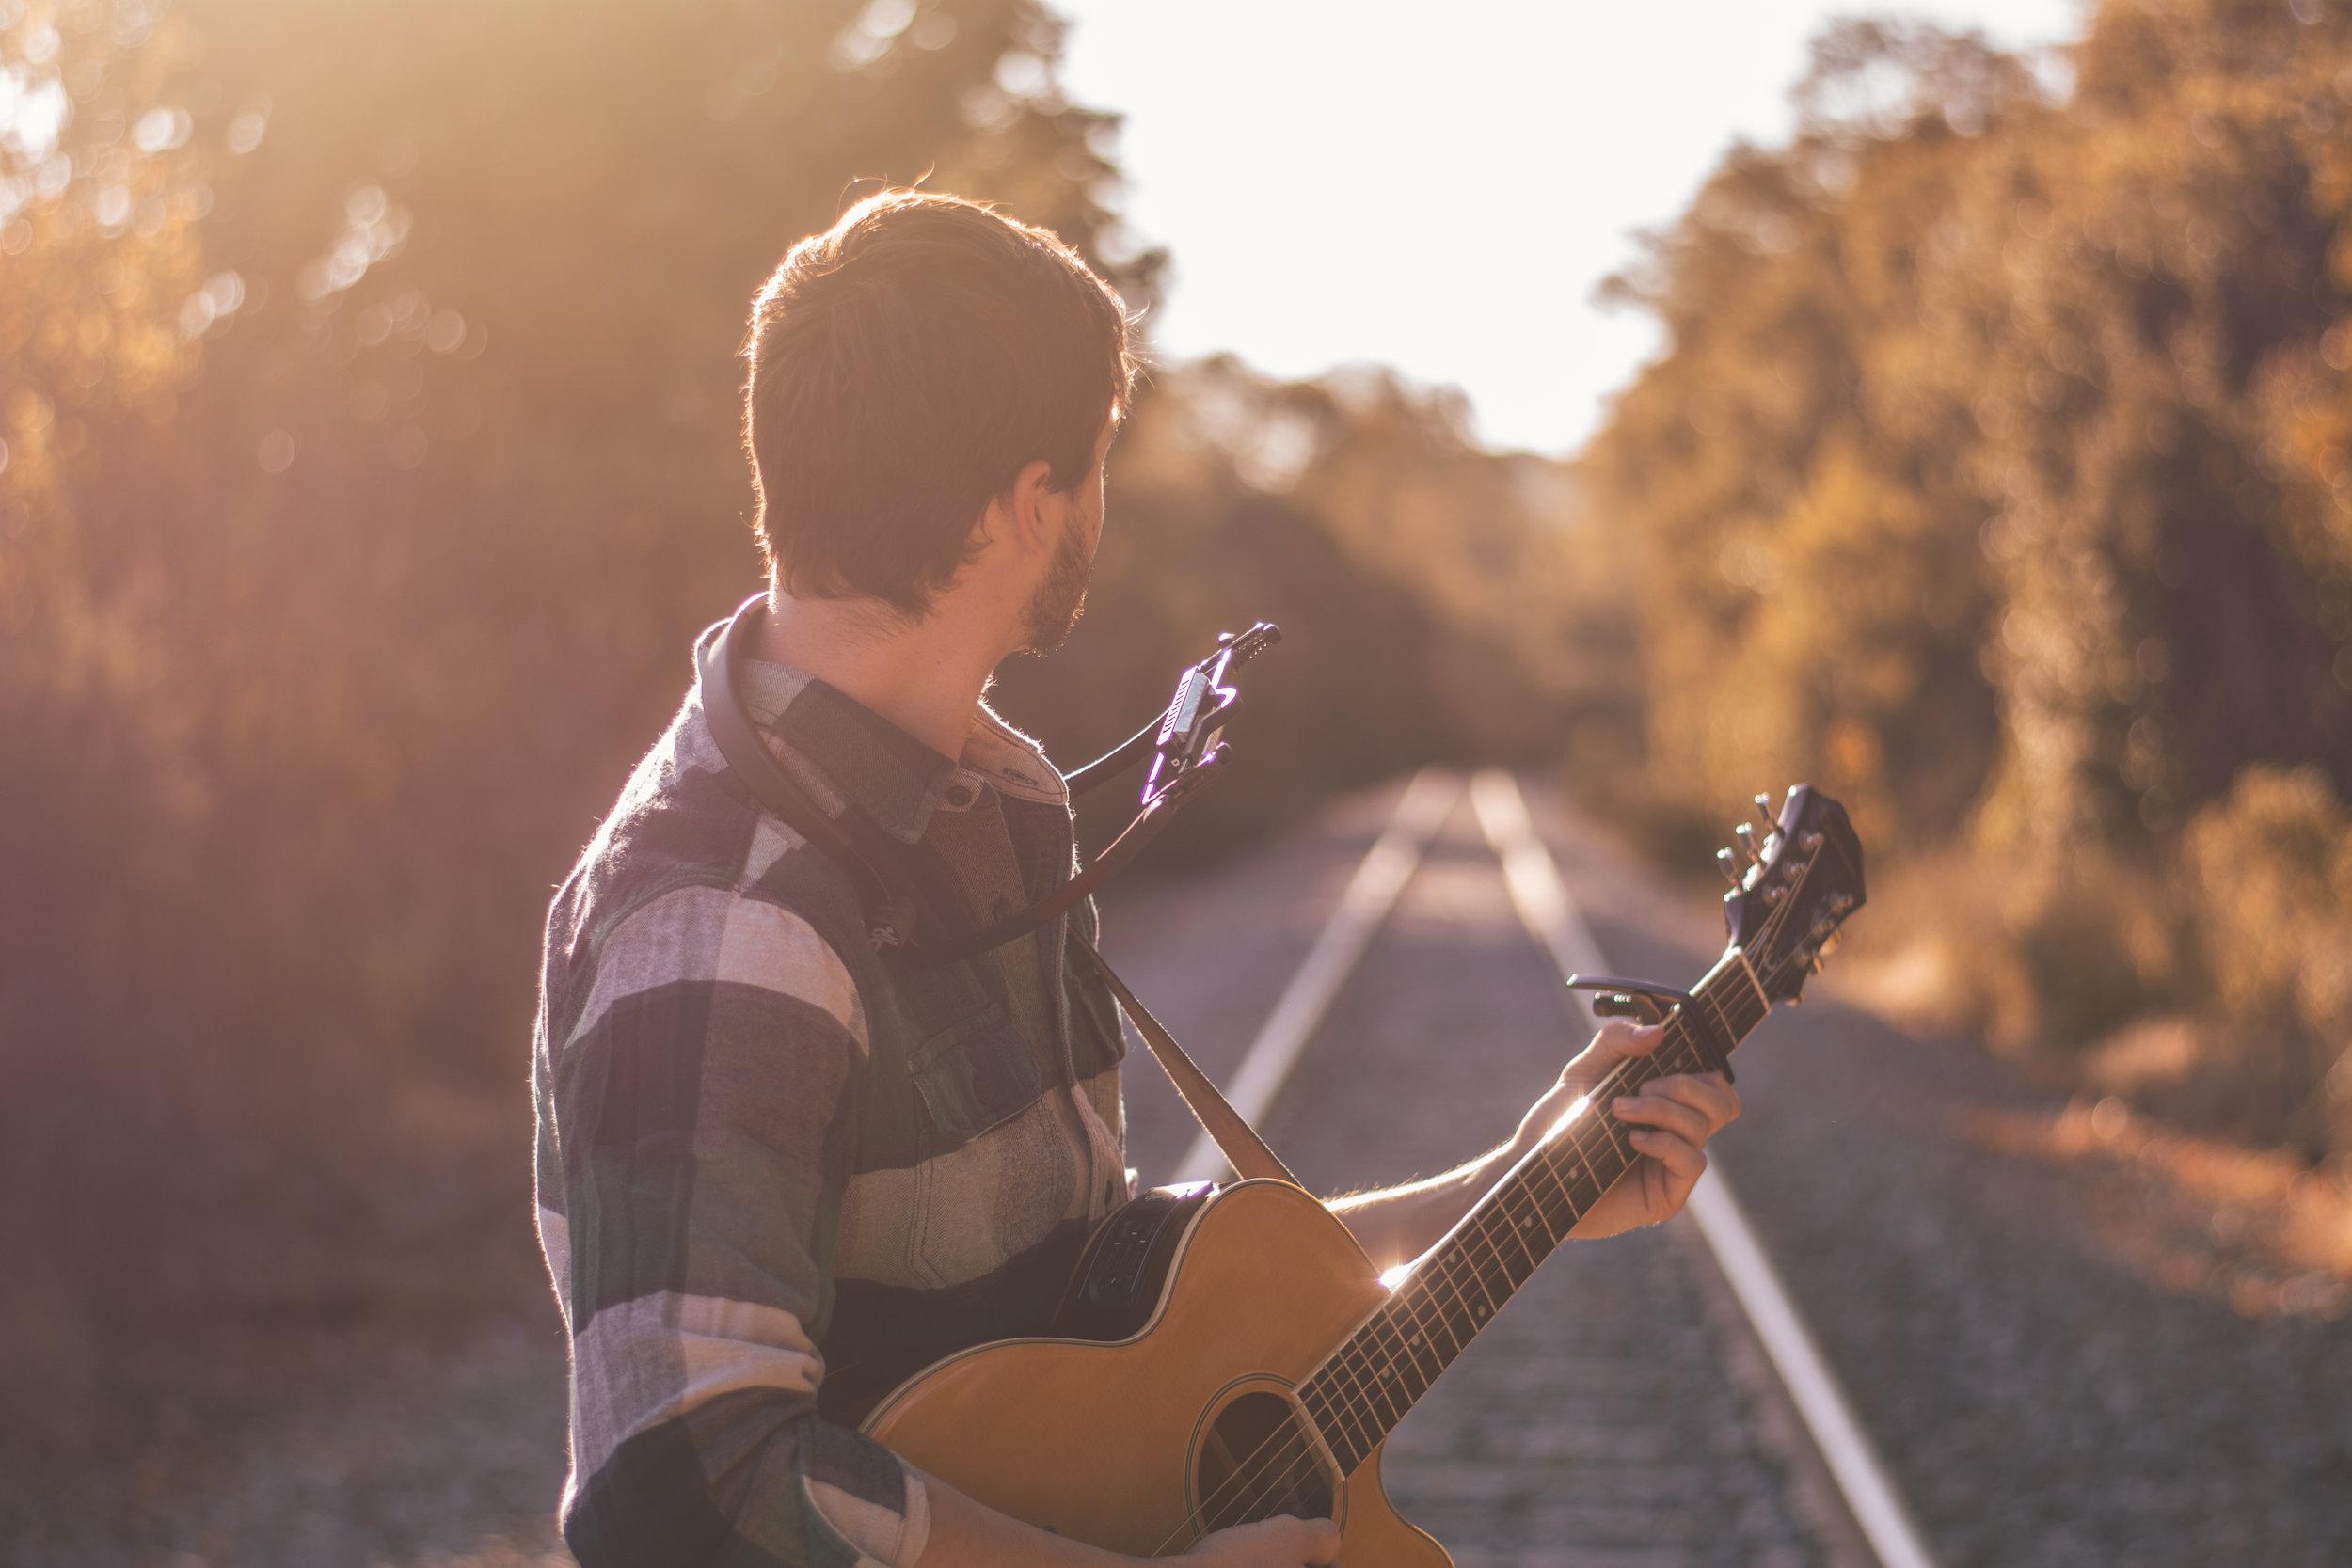 Kory-Hilpmann-Guitar.jpg